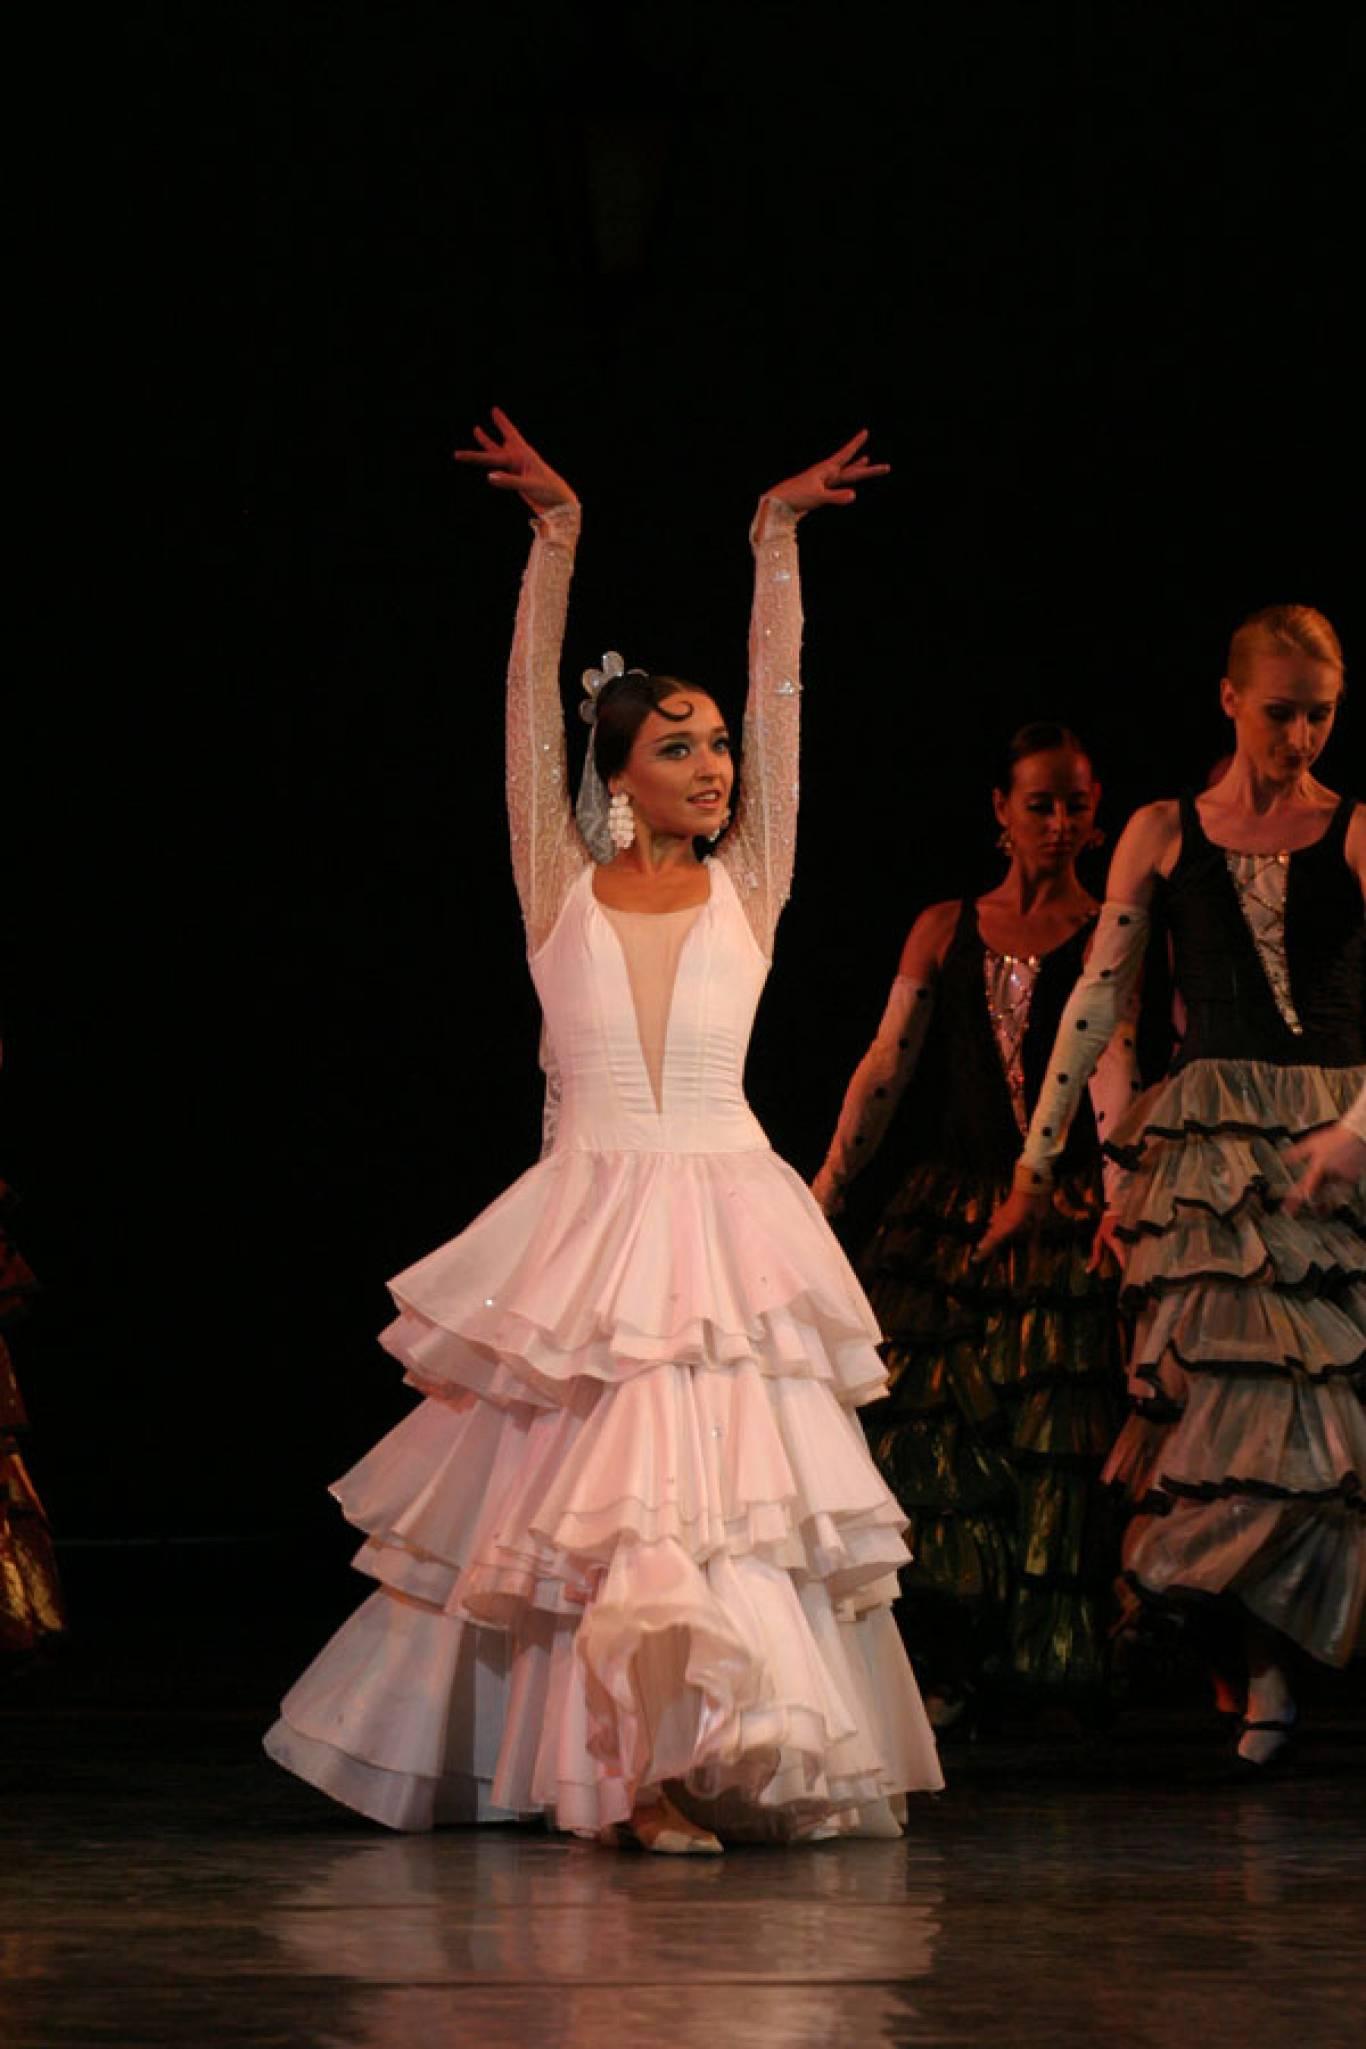 """Балети """"Болеро"""" та """"Дафніс і Хлоя"""" в Національній опері України"""